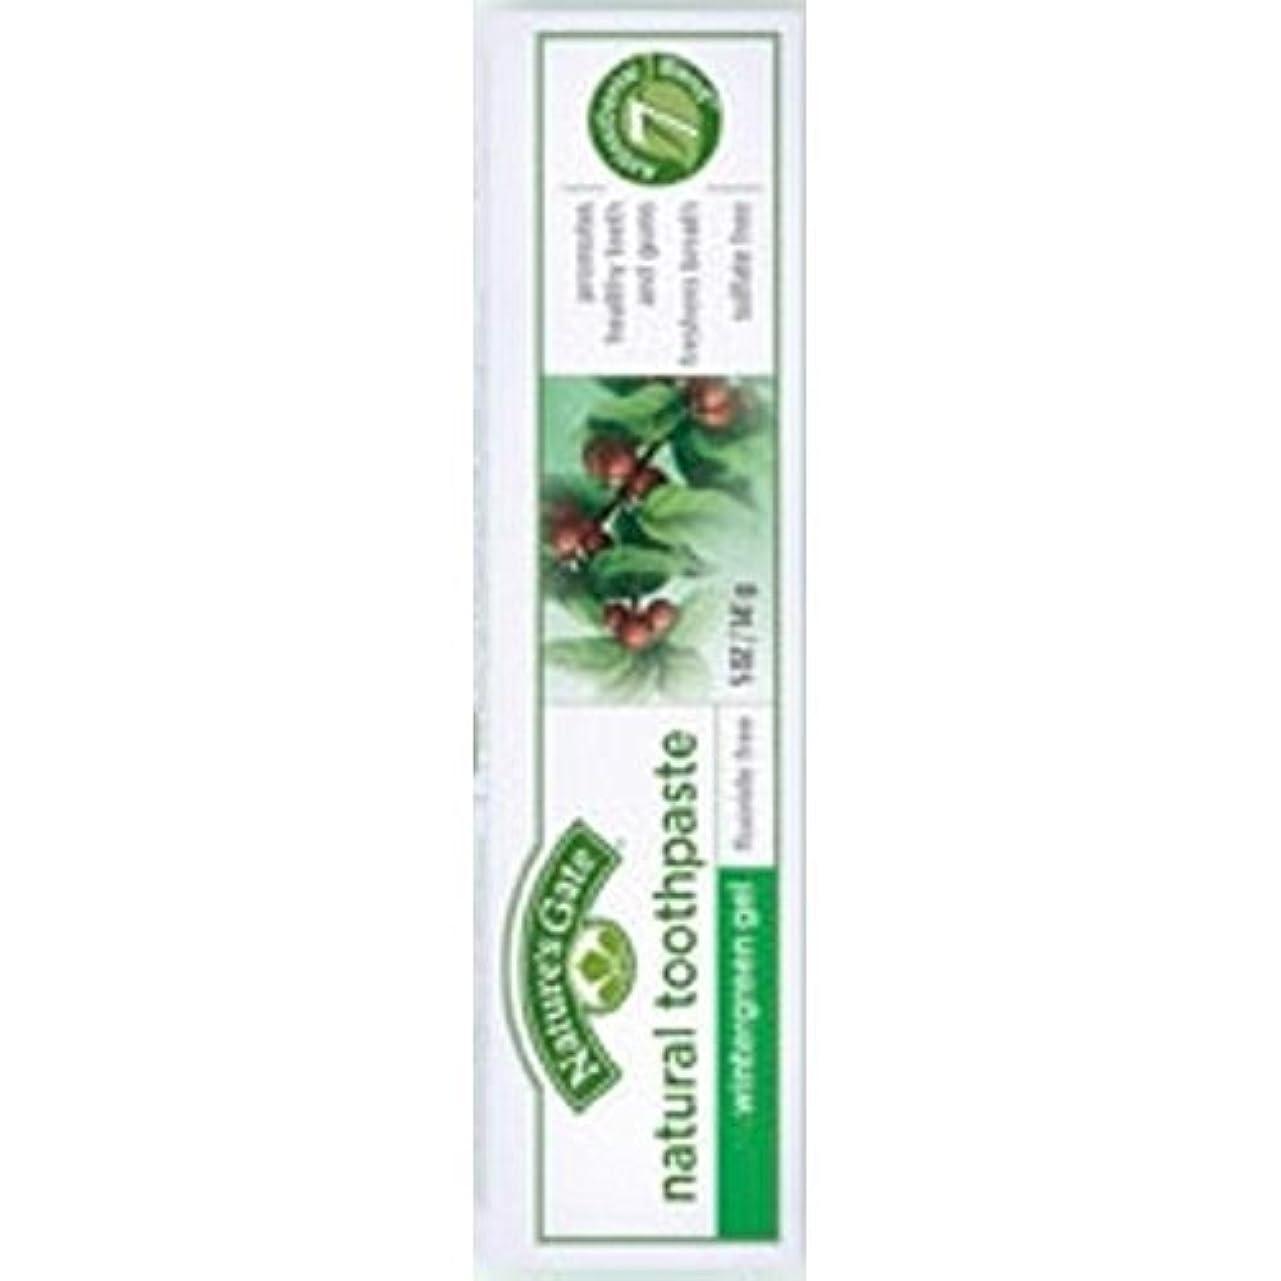 合理的援助する剪断Nature's Gate Natural Toothpaste Gel Flouride Free Wintergreen - 5 oz - Case of 6 by Nature's Gate [並行輸入品]